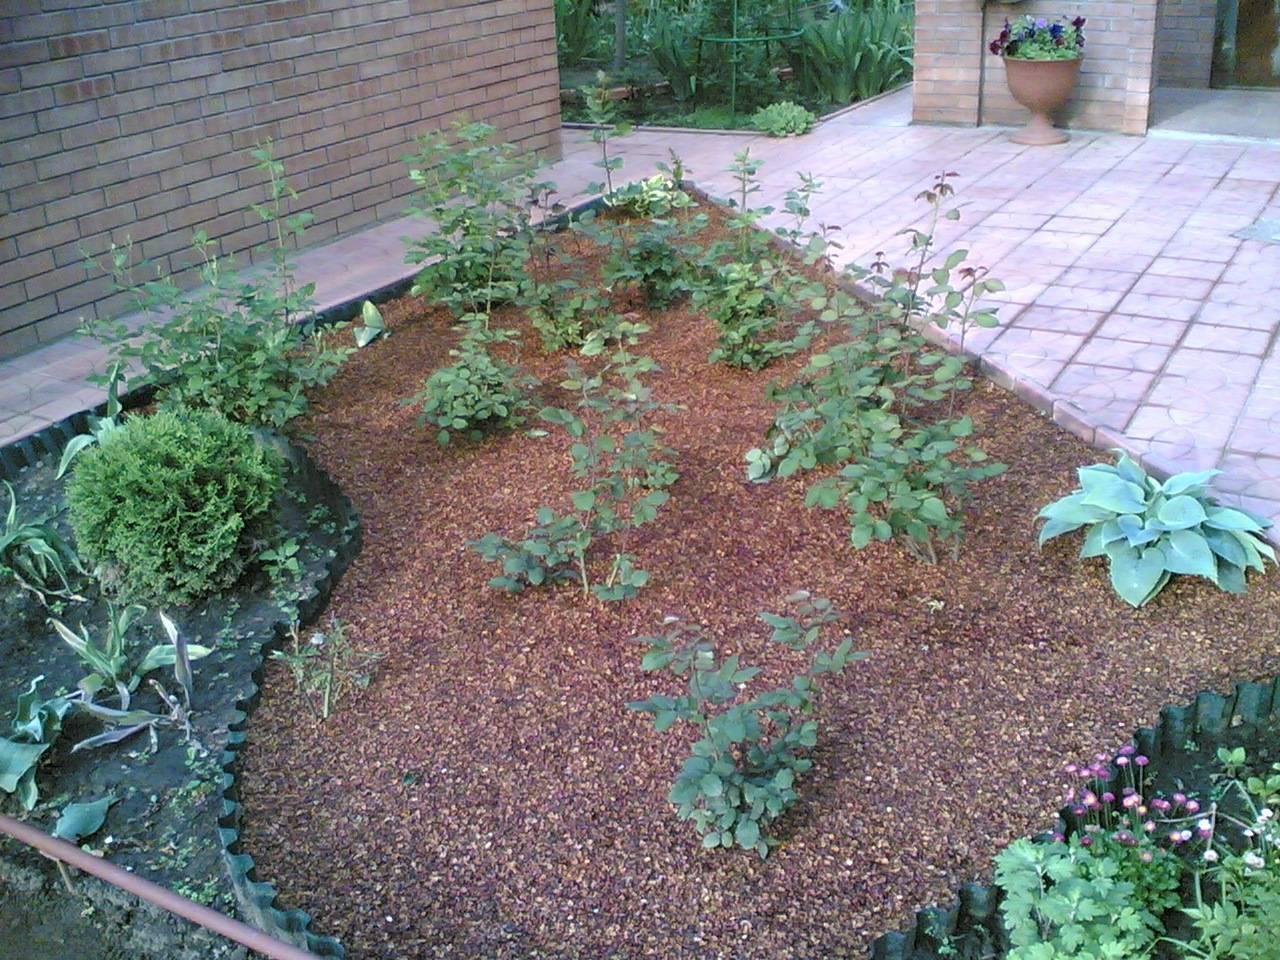 Скорлупа грецкого ореха применение в огороде как удобрение